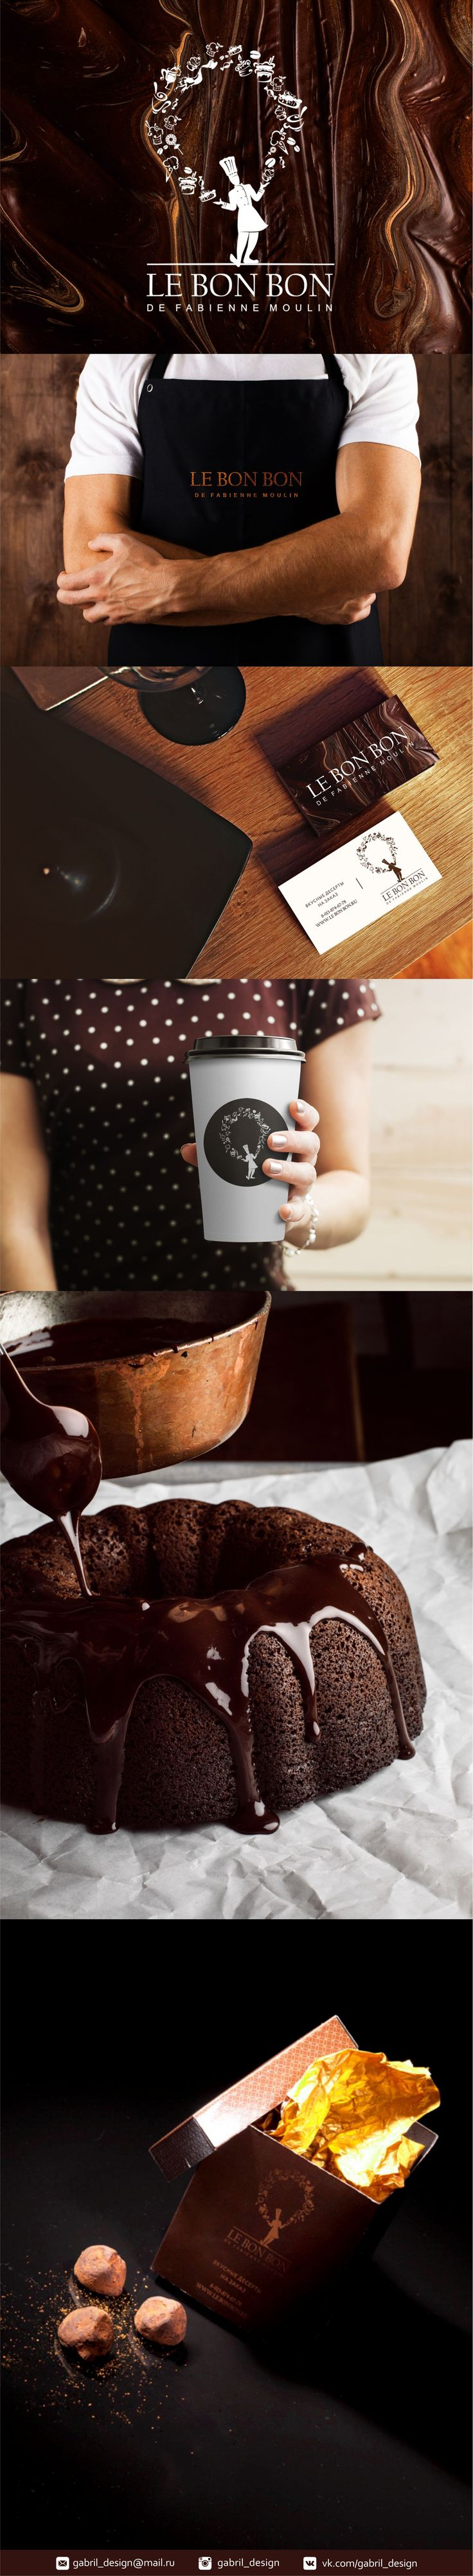 """Логотип, фирменный стиль, одежда, упаковка для кафе-кондитерской """"Le Bon Bon"""". Cafe, coffee, logo, design, cook, candy, chocolate"""